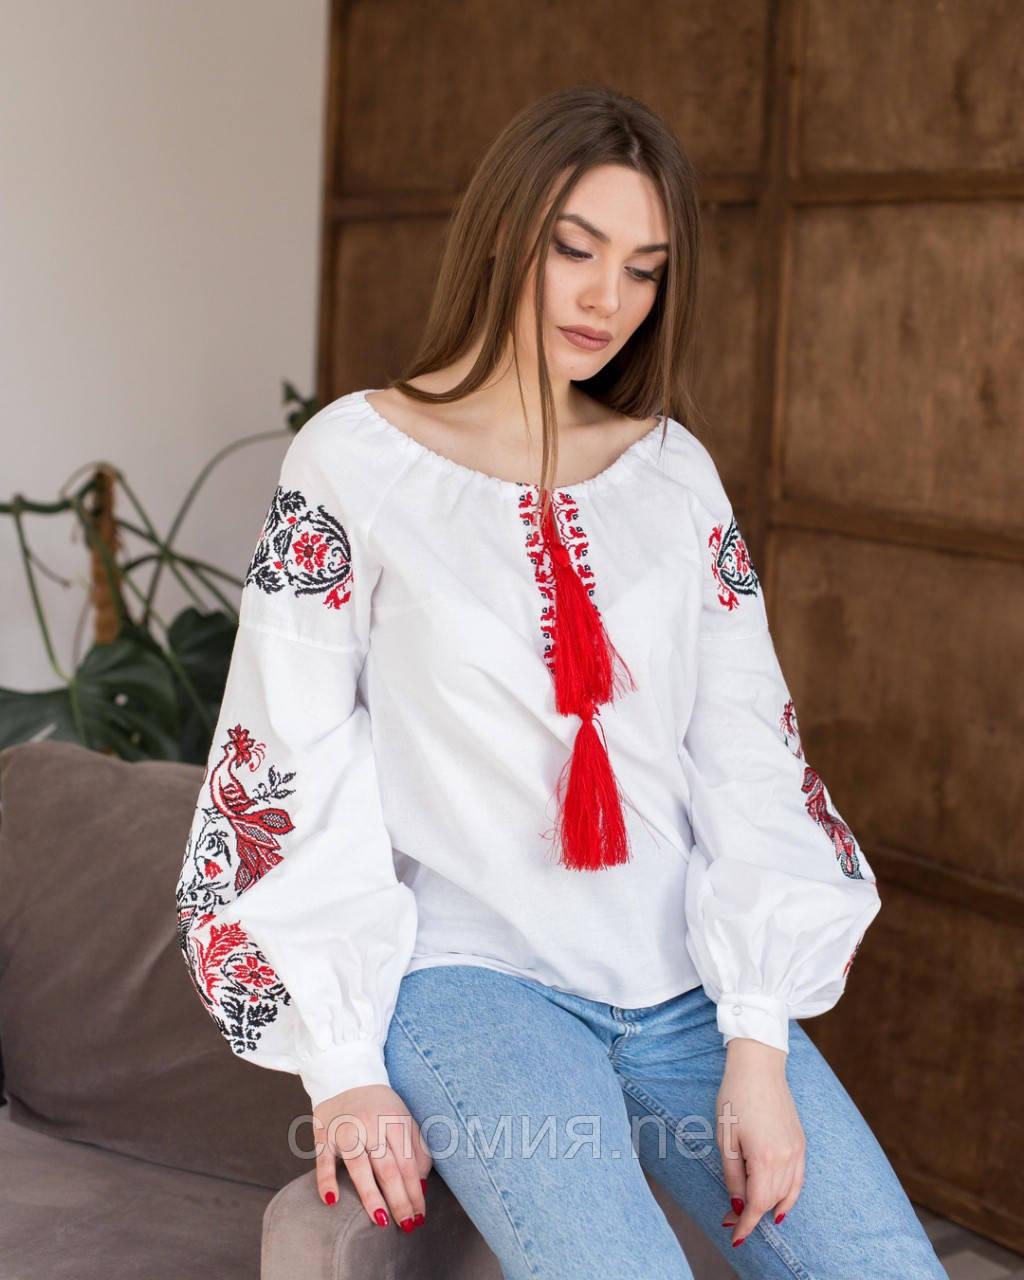 Традиционная женская вышитая блуза из натуральной ткани. Вышиванка